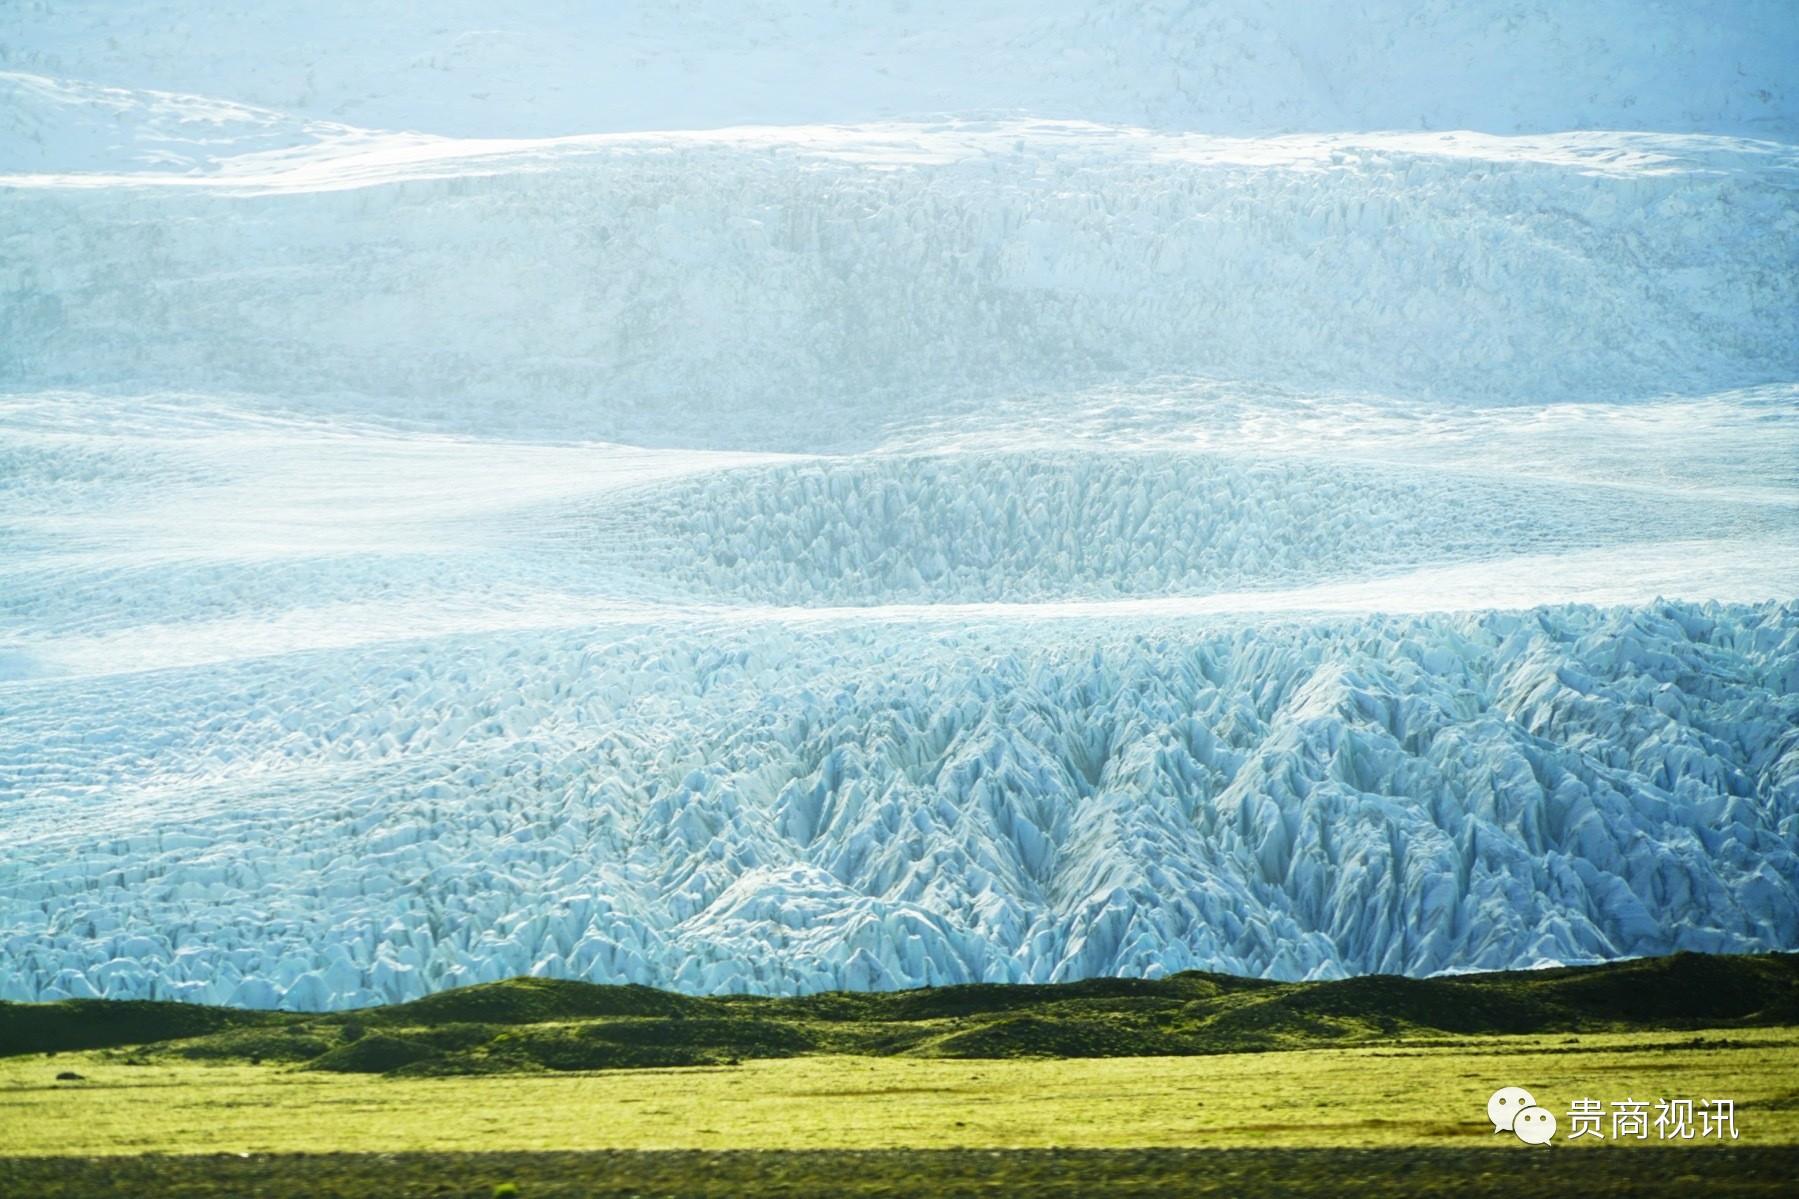 【好摄】冰岛风光(二)